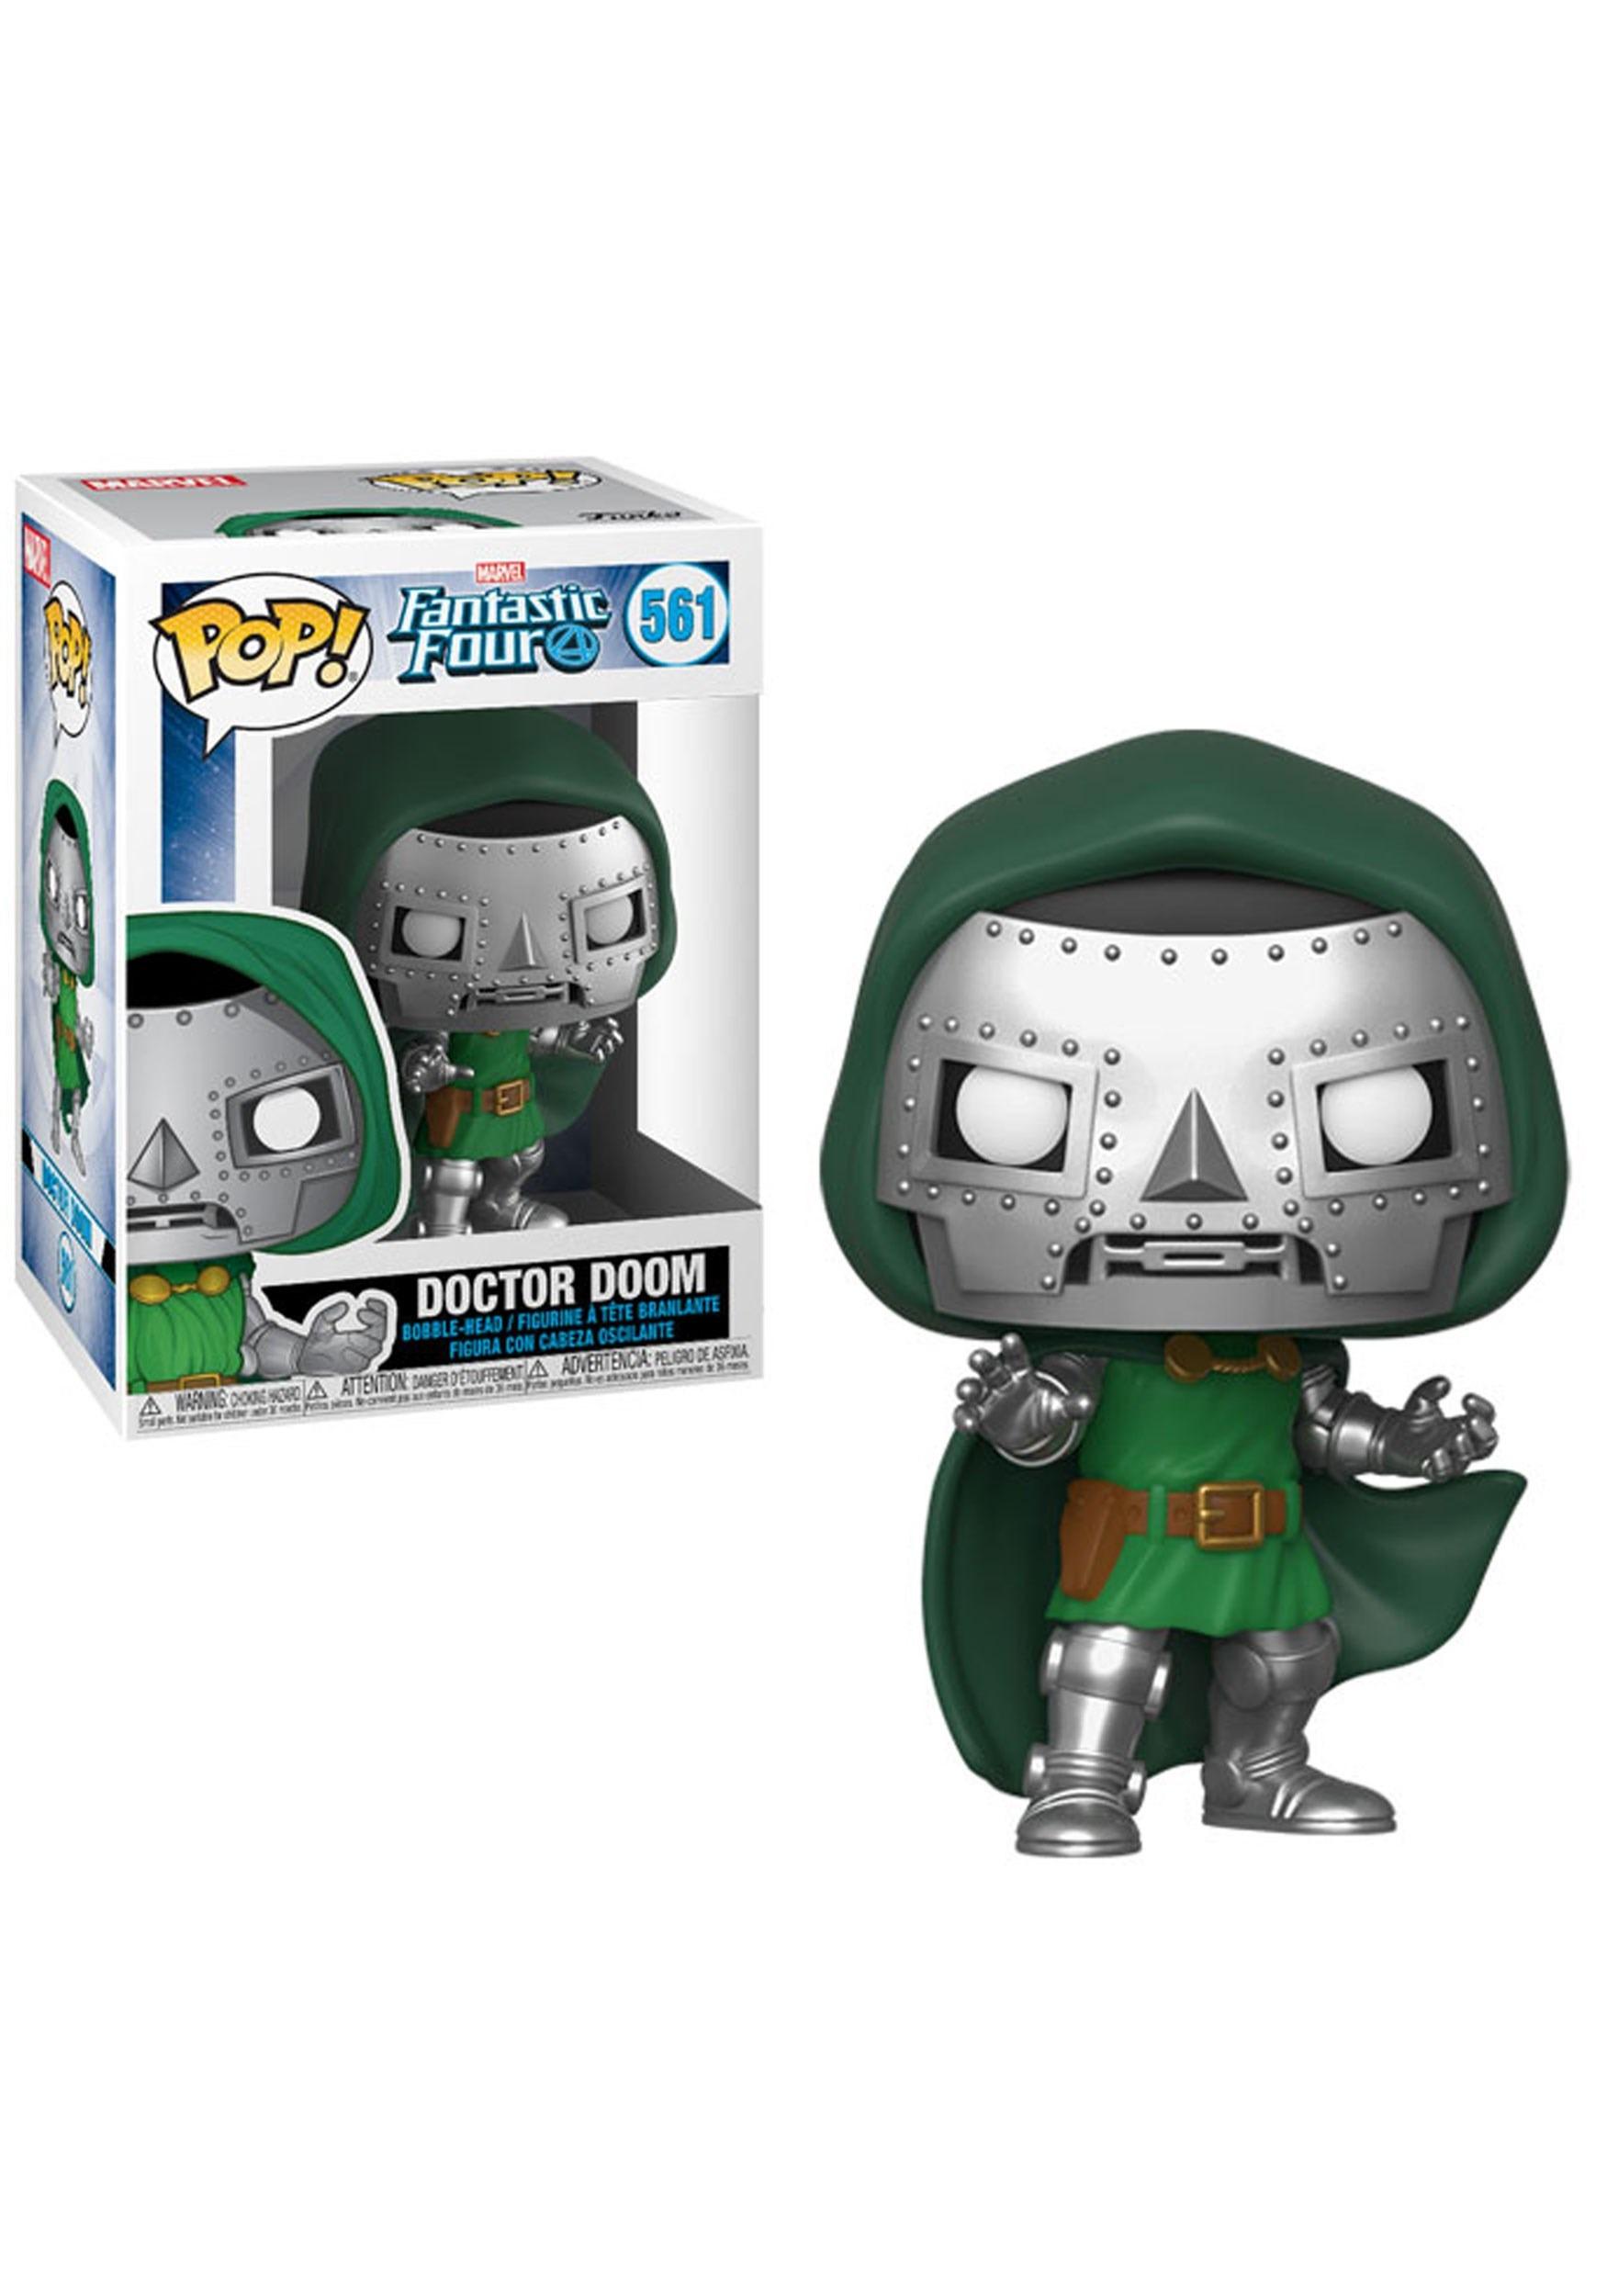 Pop! Marvel: Doctor Doom - Fantastic Four